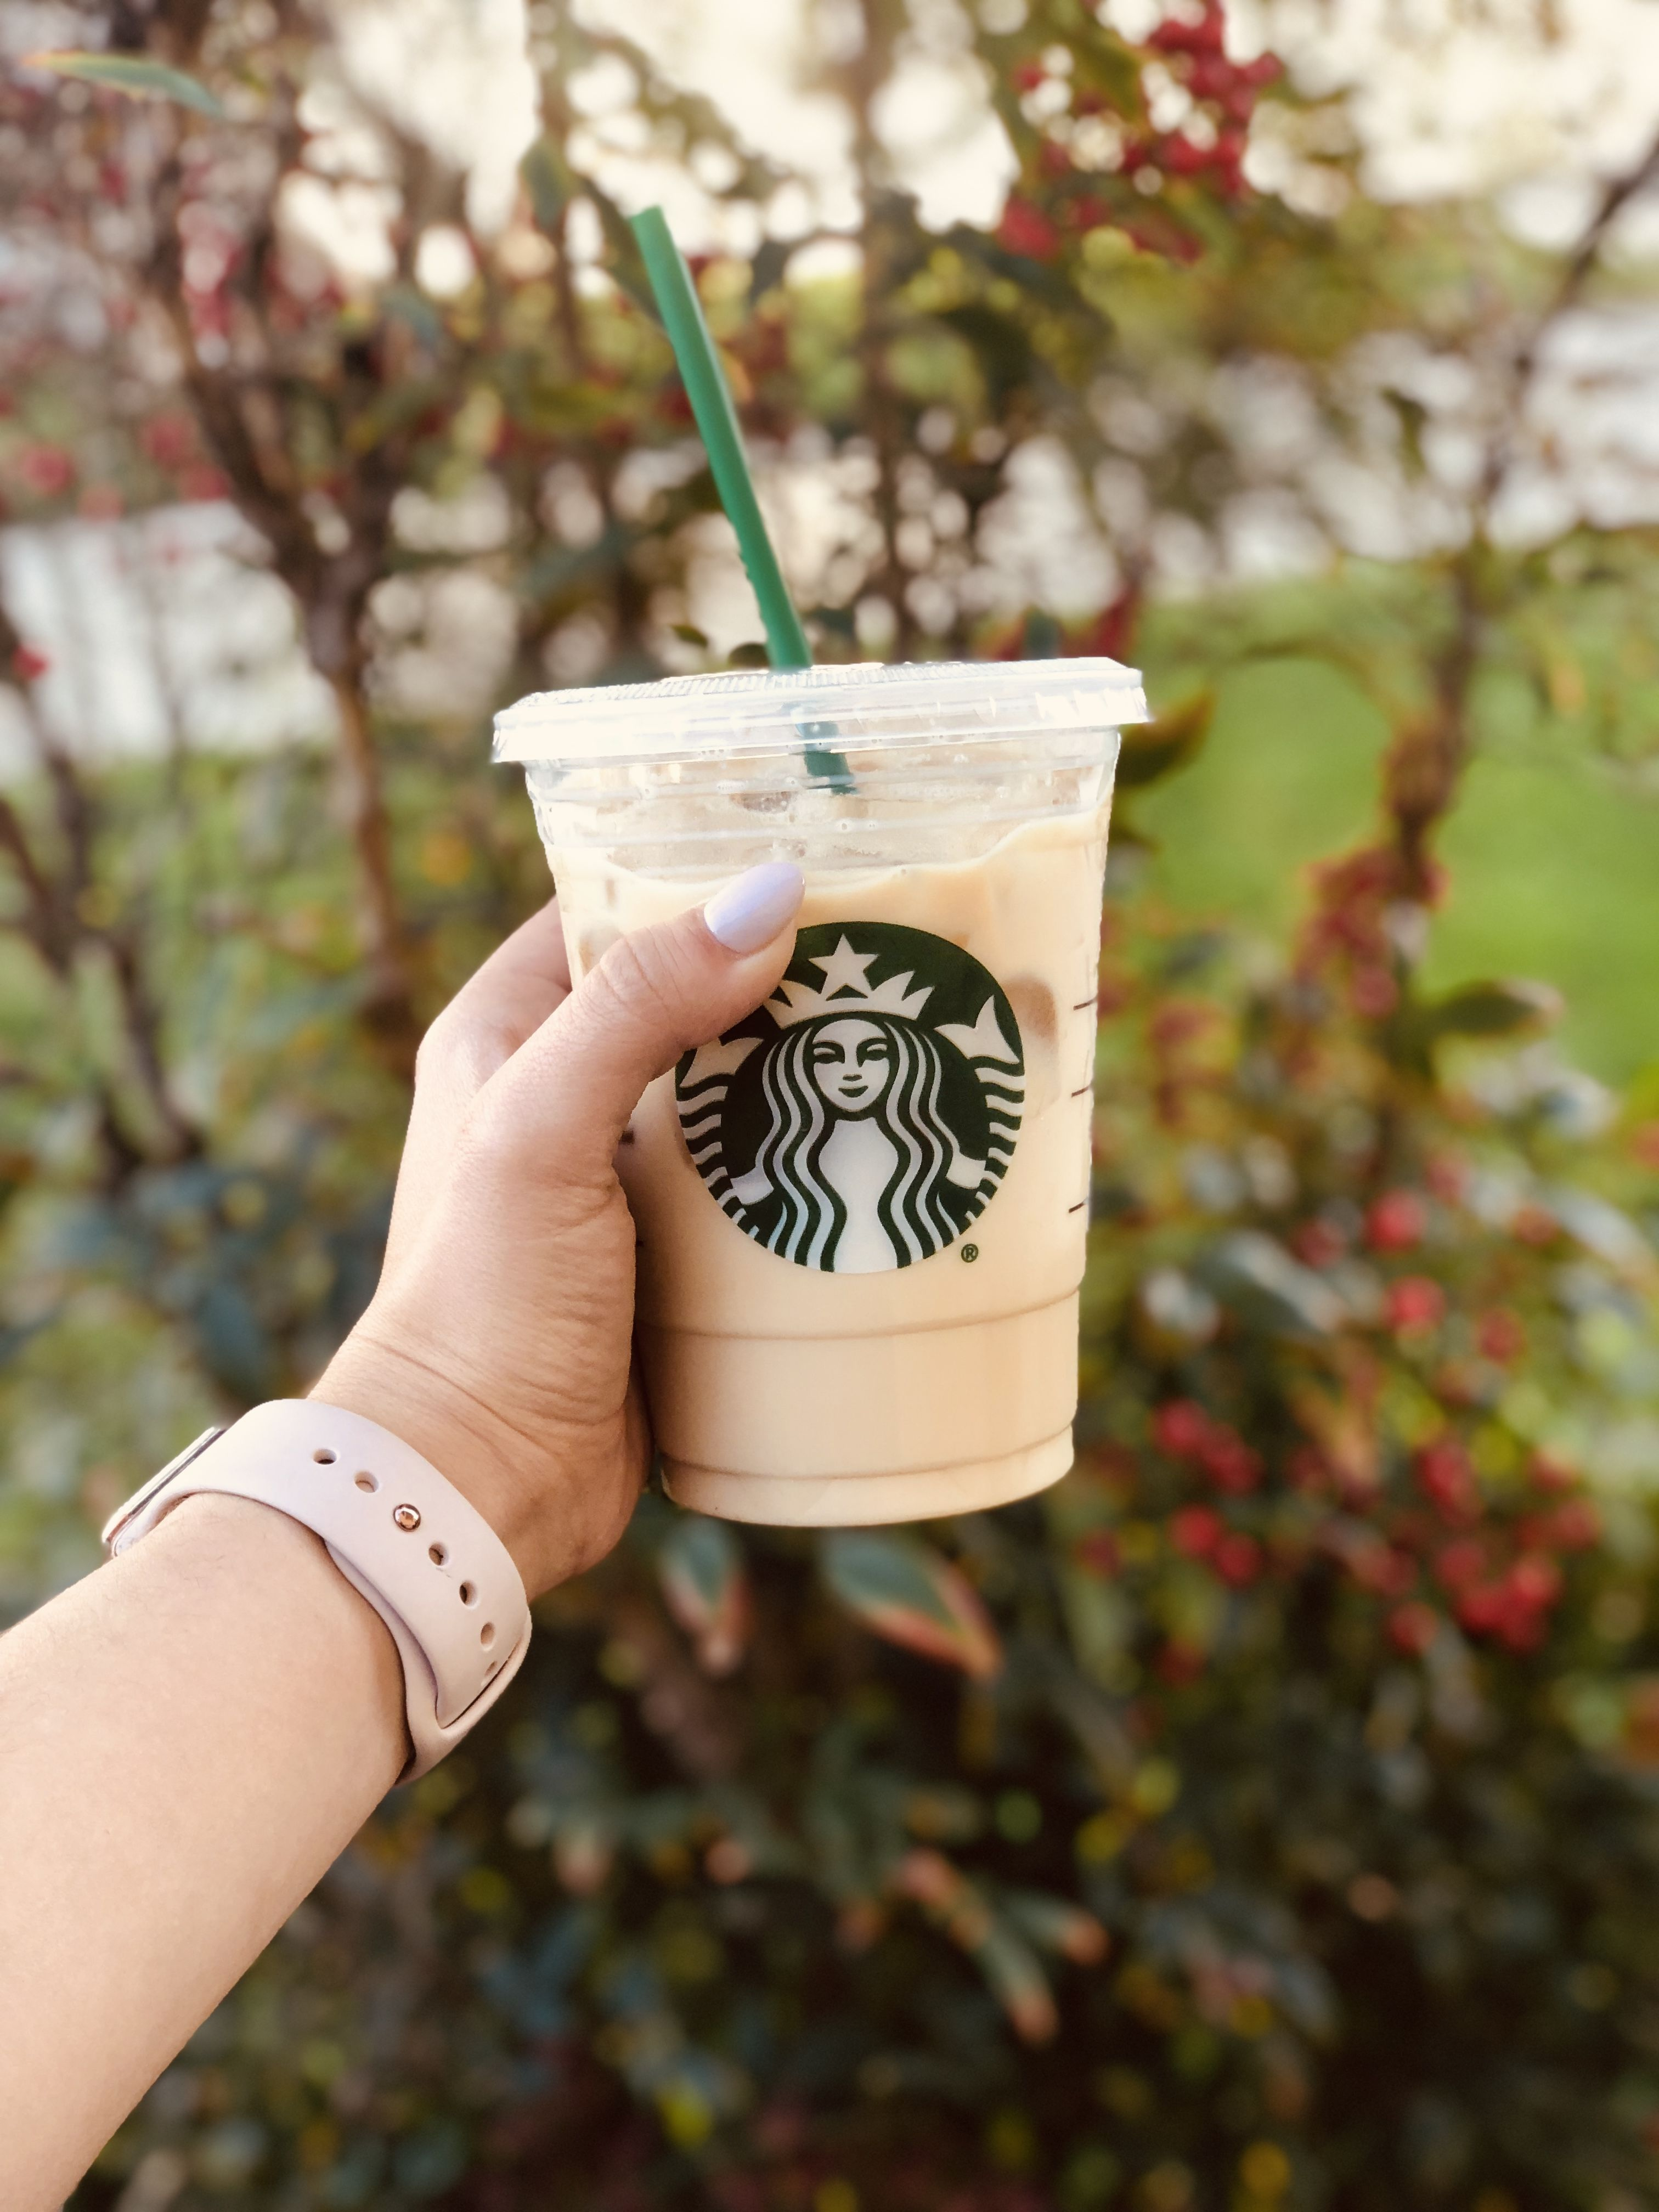 Grande iced chai tea latte starbucks drinks